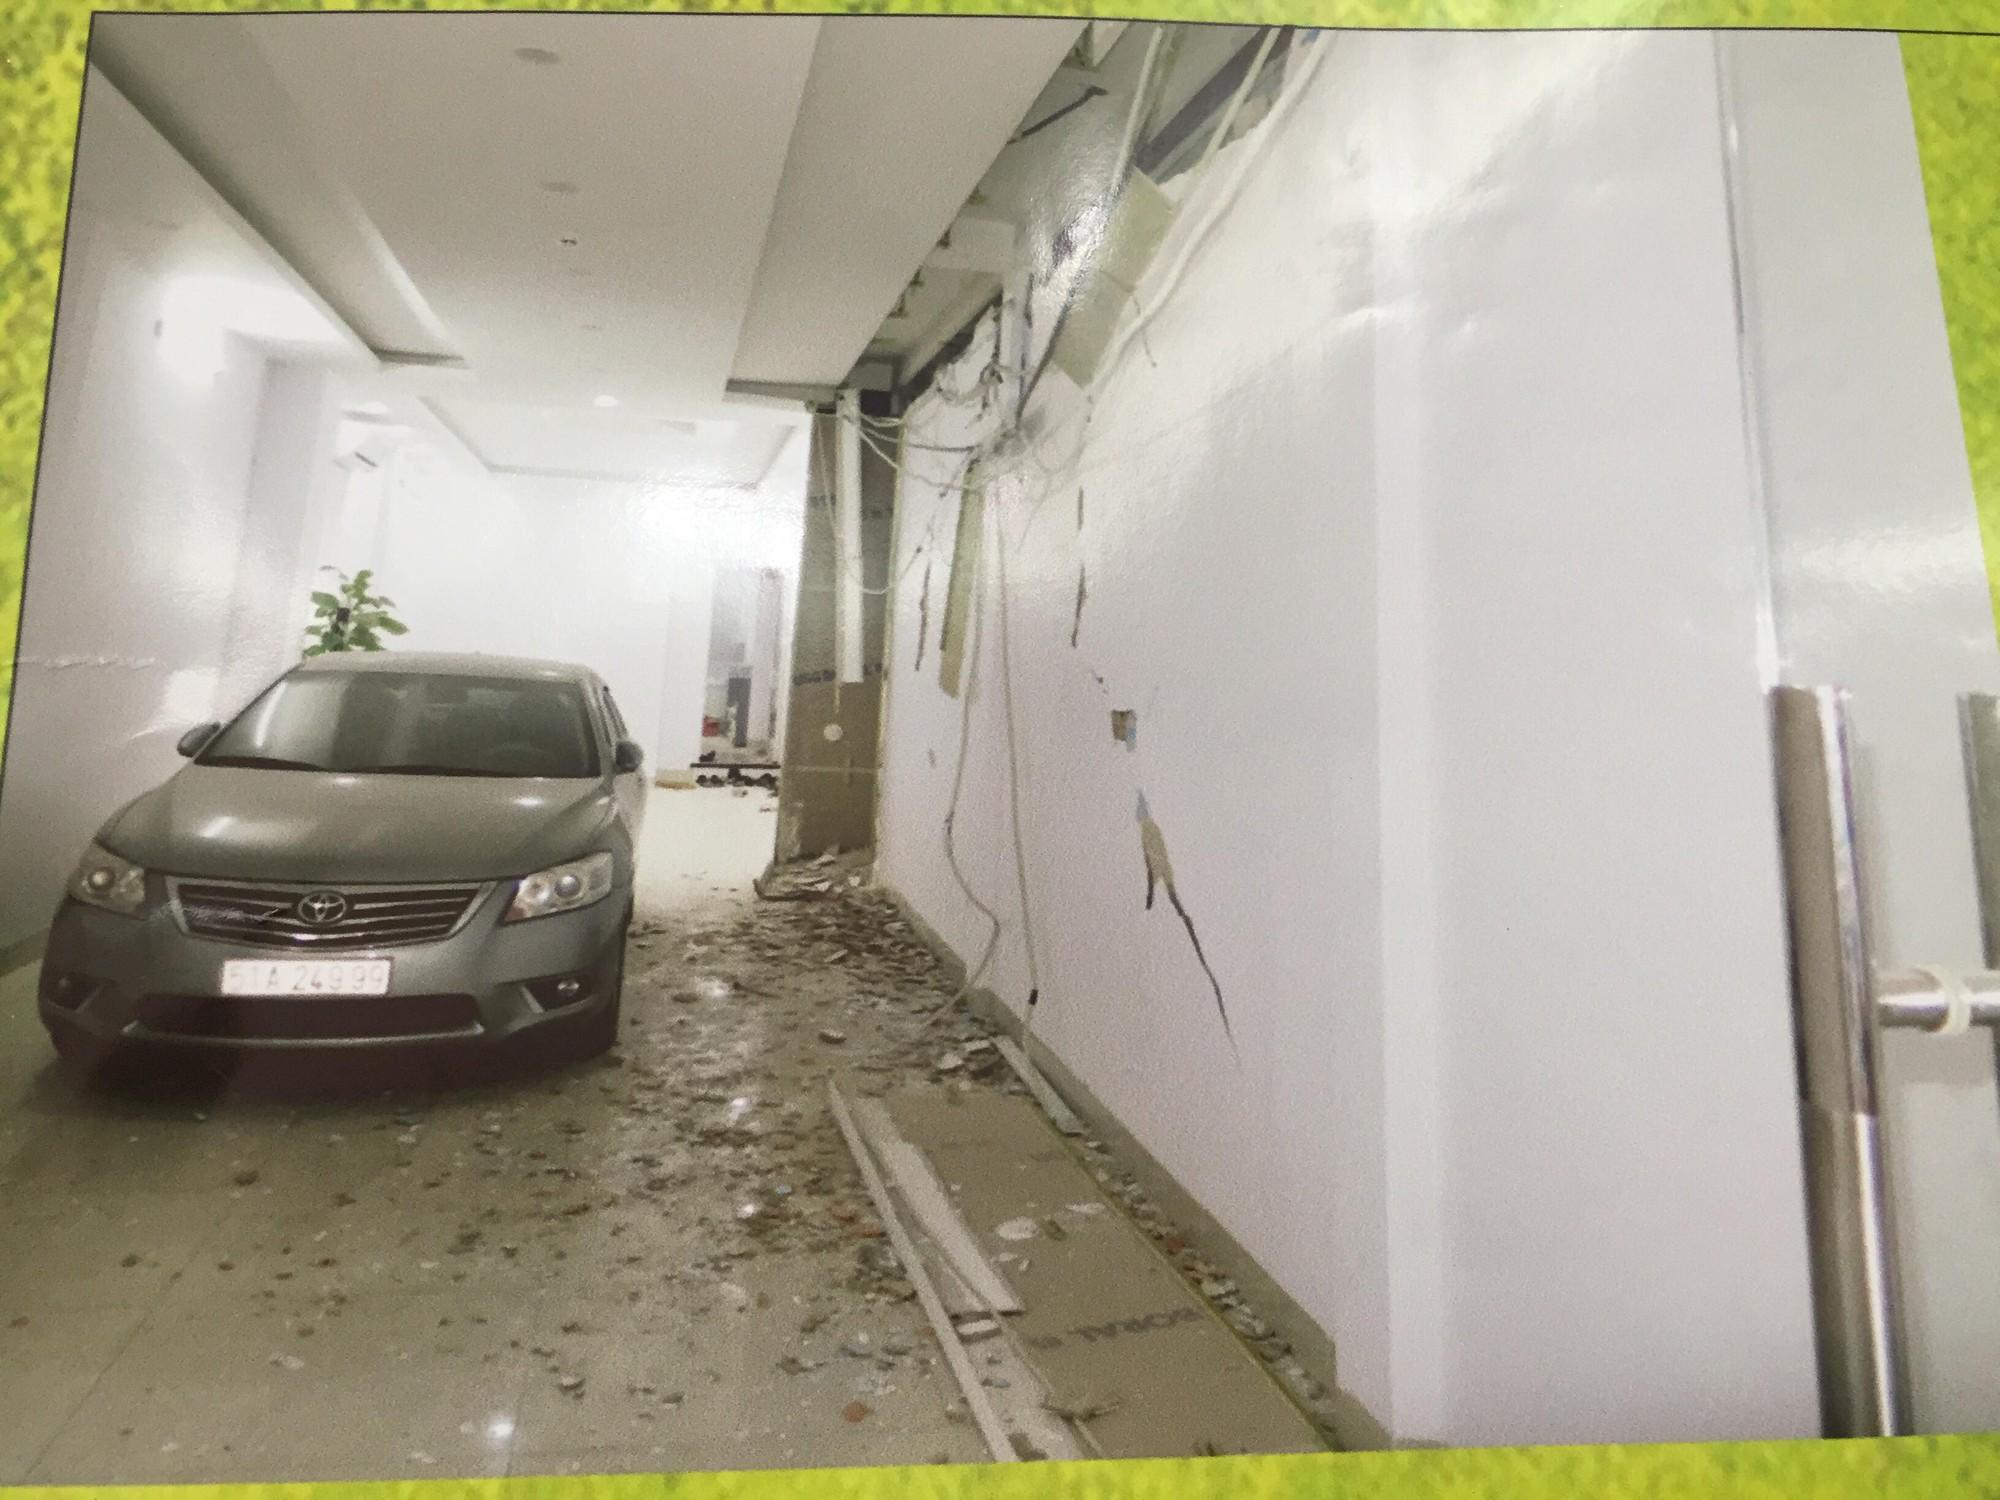 [ẢNH] 10kg thuốc nổ trong nhà của kẻ ném bom vào trụ sở công an phường - Ảnh 6.